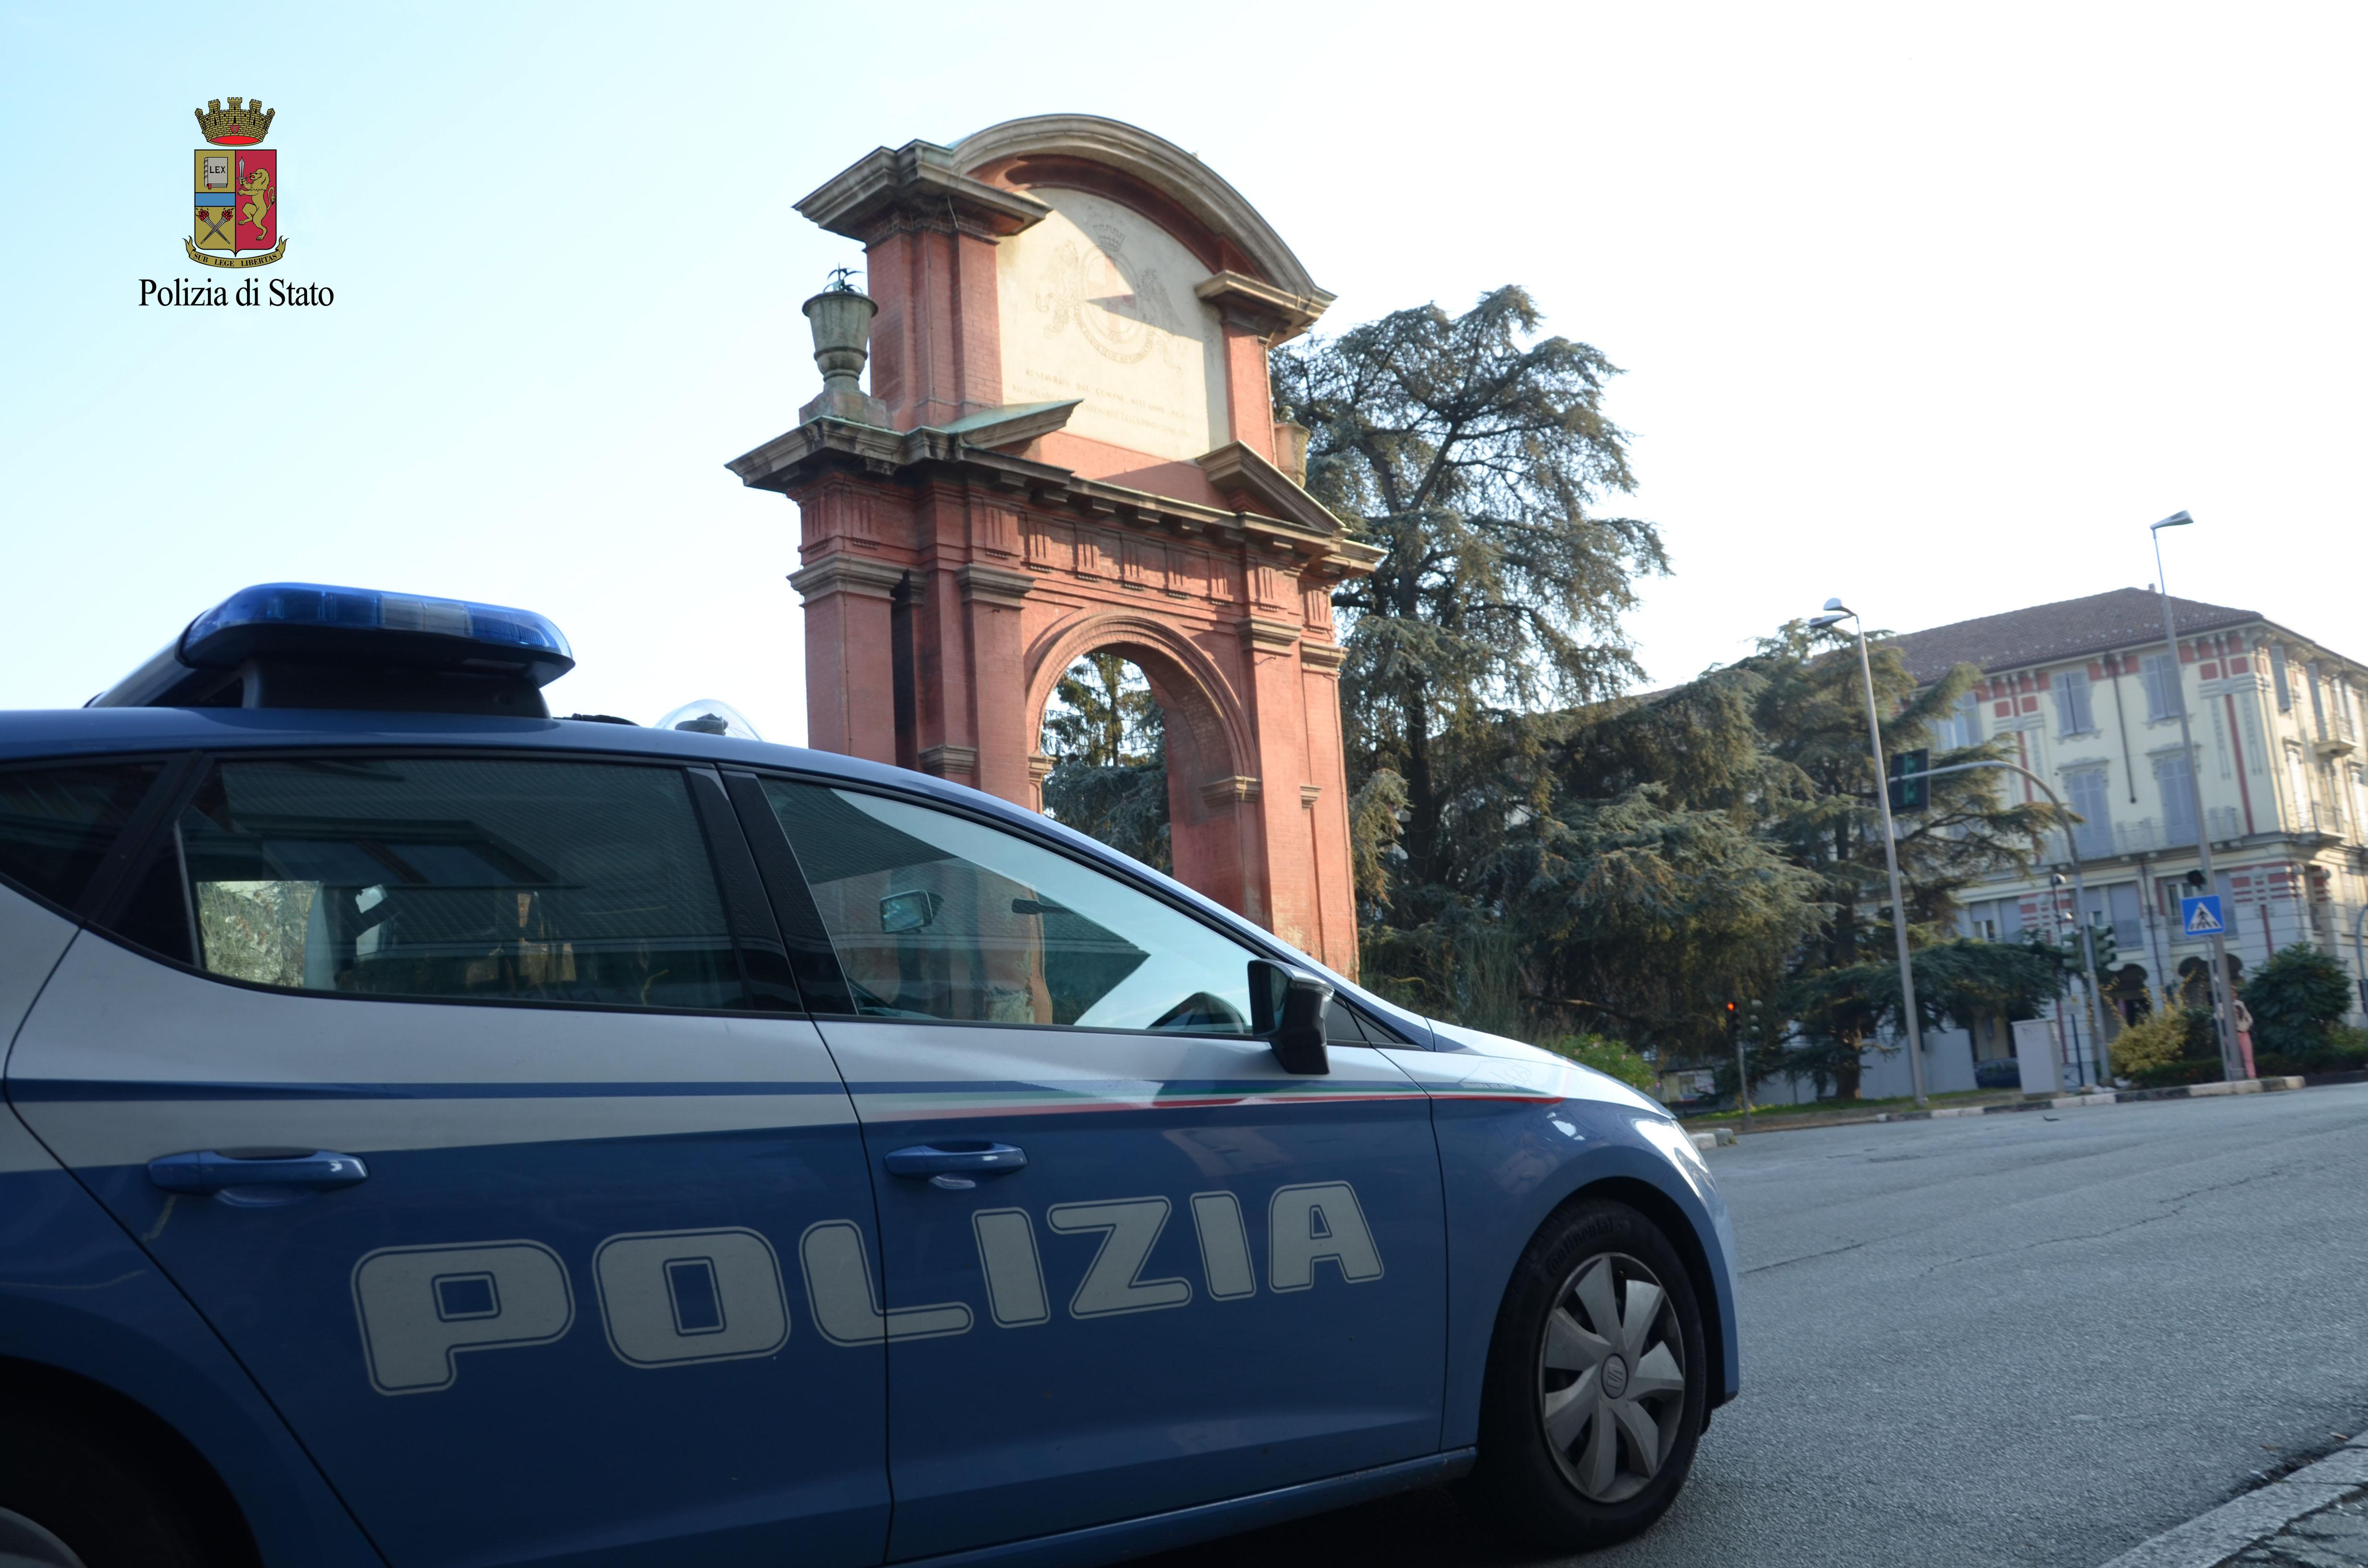 Polizia di stato questure sul web alessandria for Polizia di stato per permesso di soggiorno